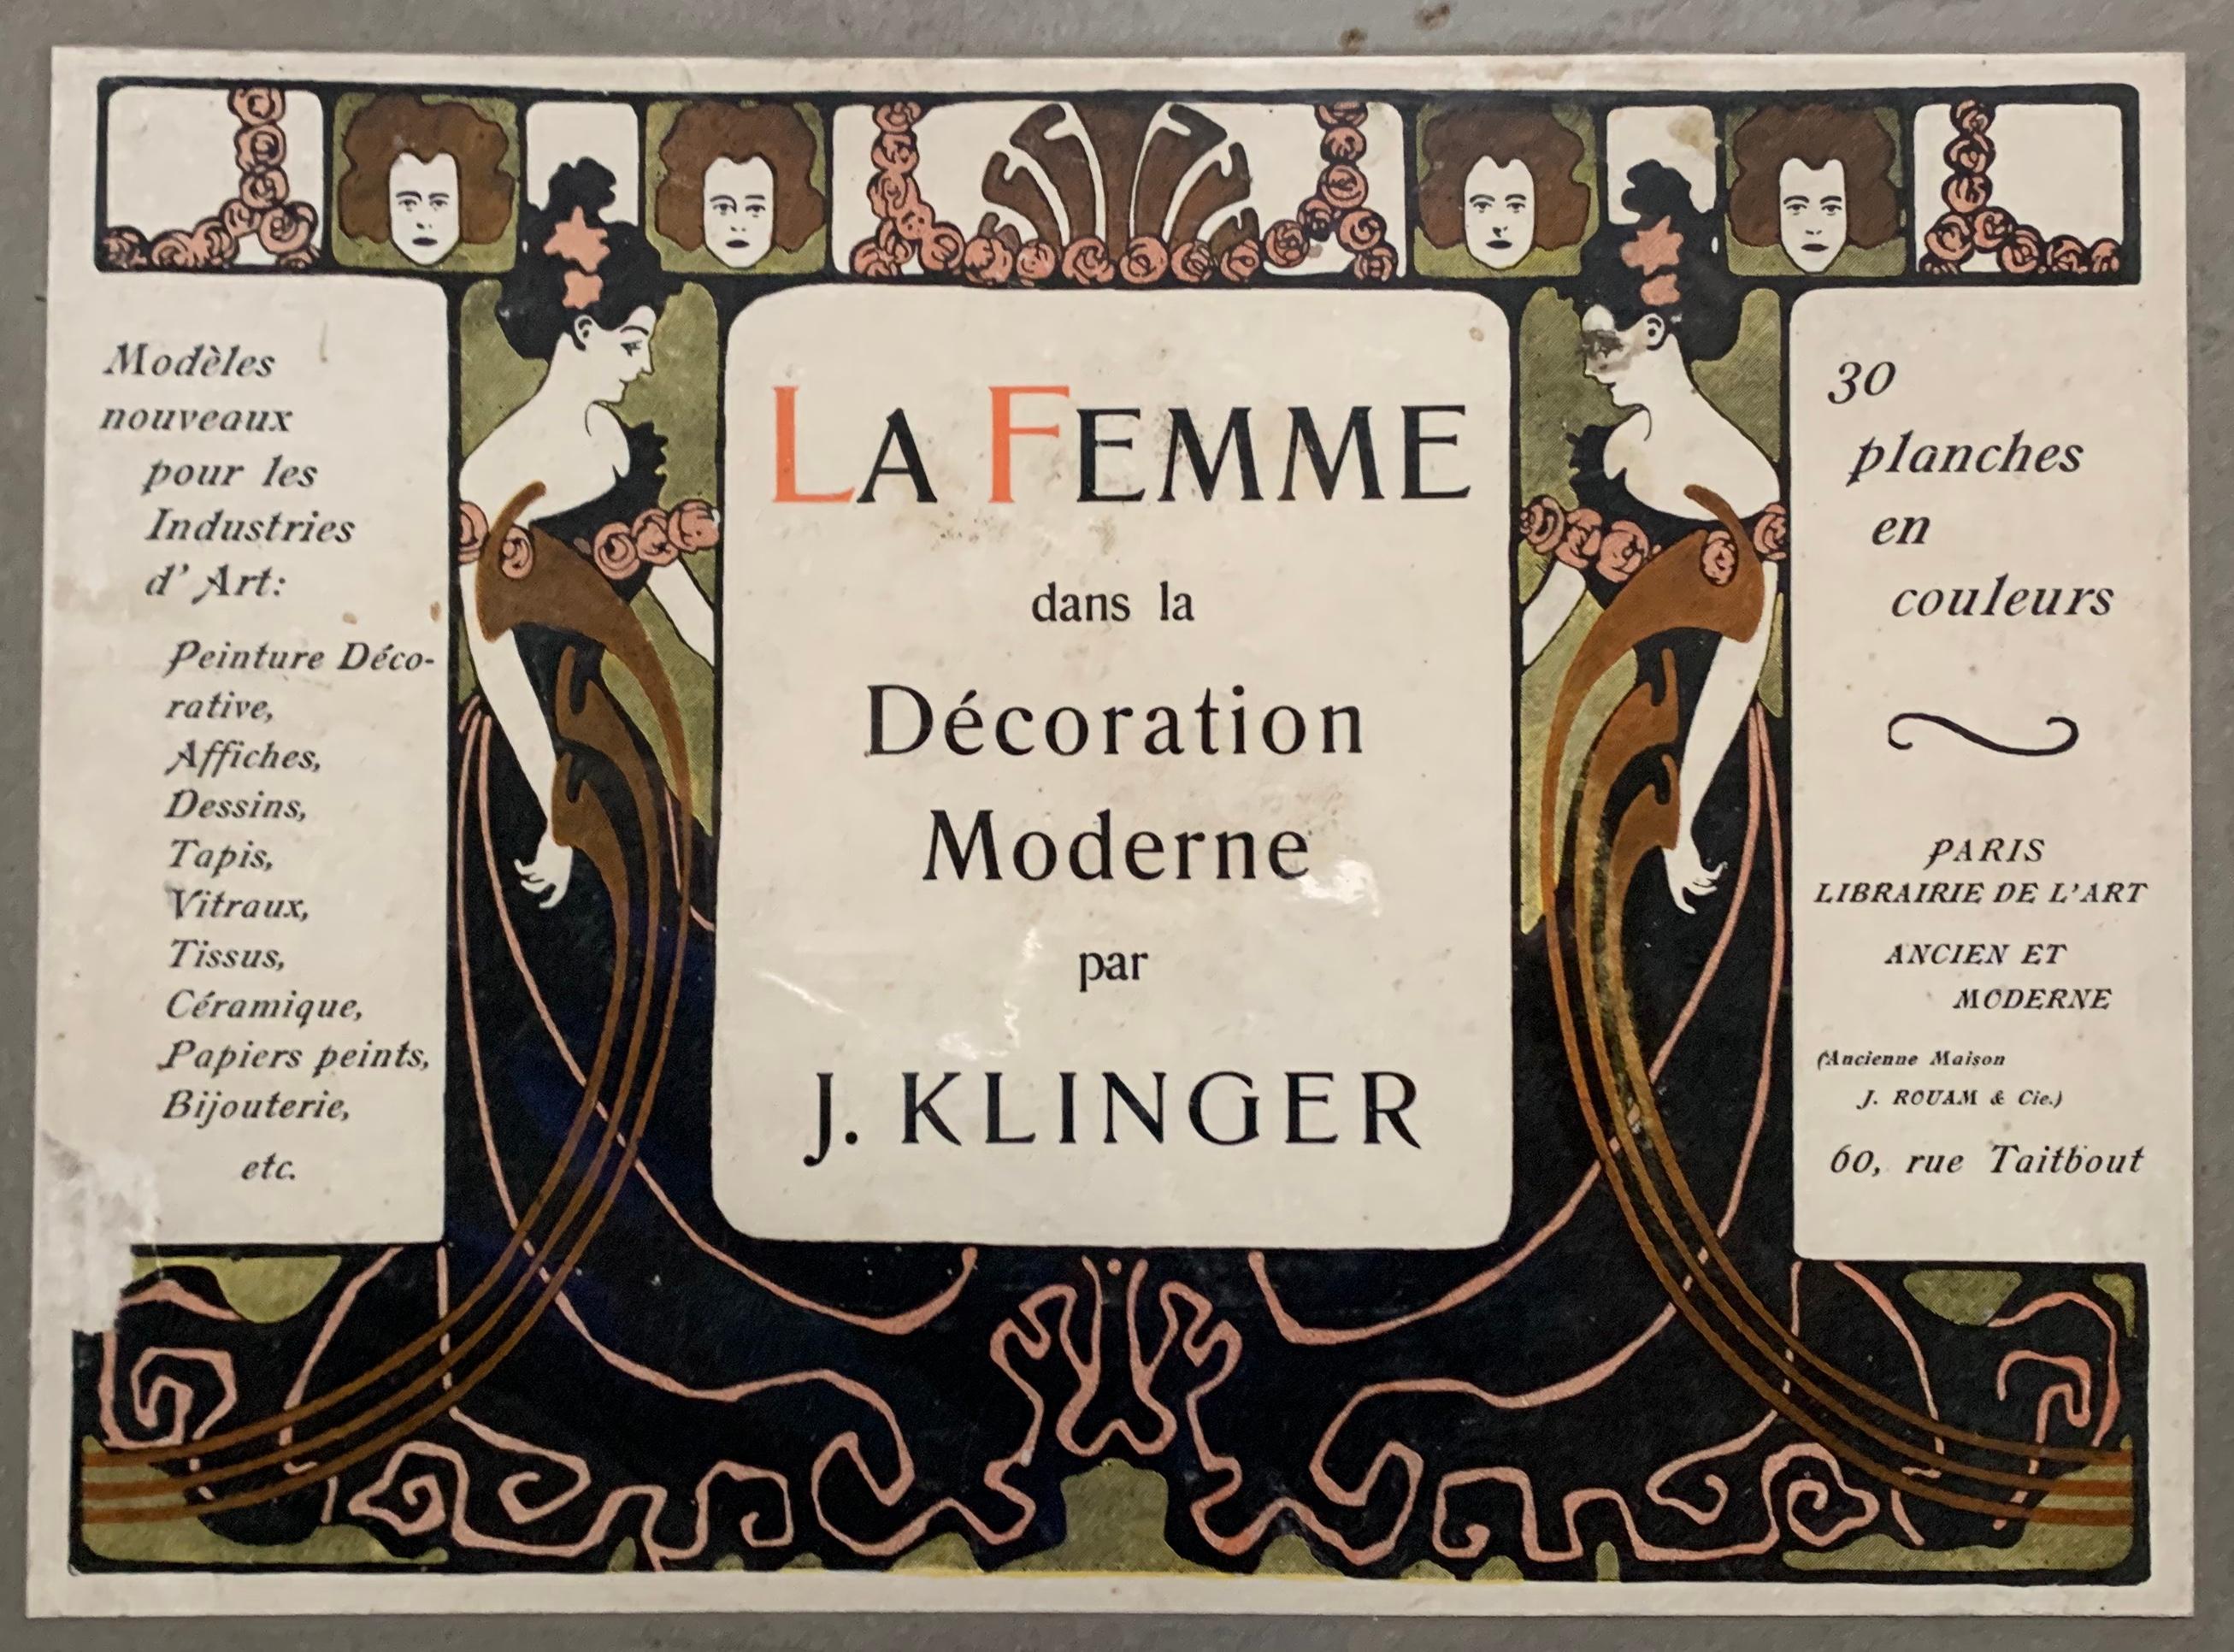 La Femme dans la Decoration Moderne